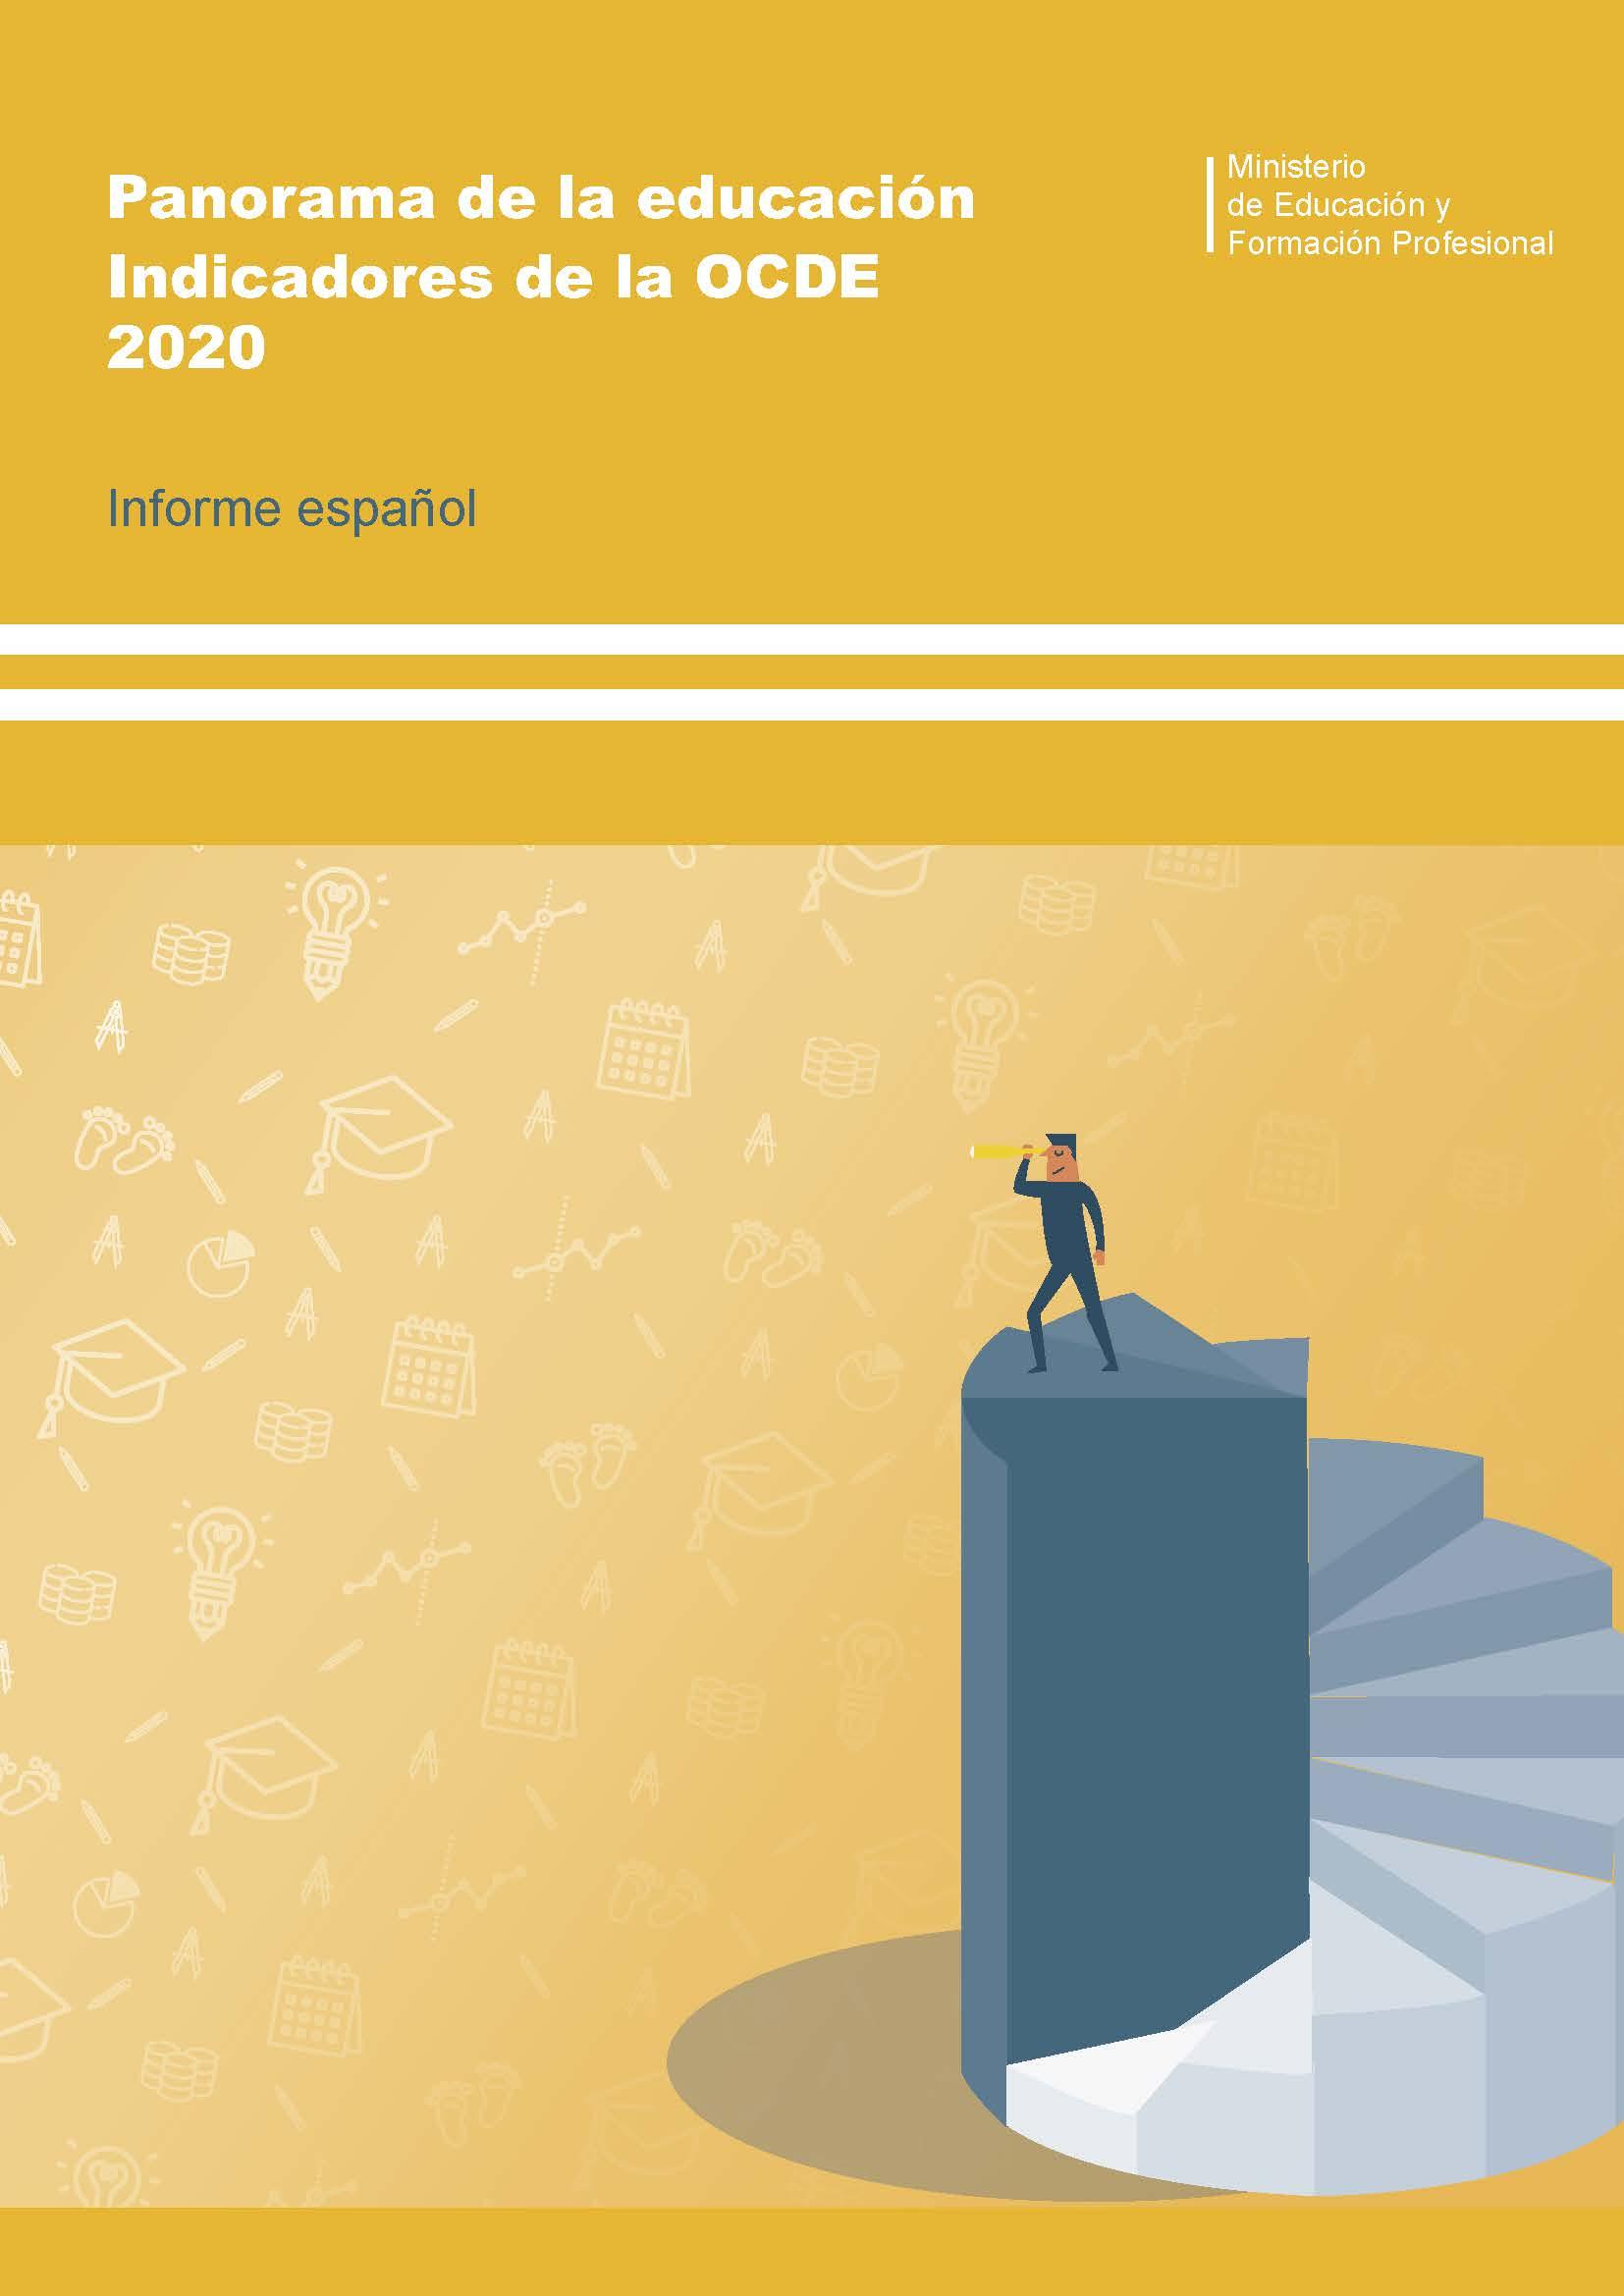 panorama-de-la-educacion-indicadores-de-la-ocde-2020-informe-espanol